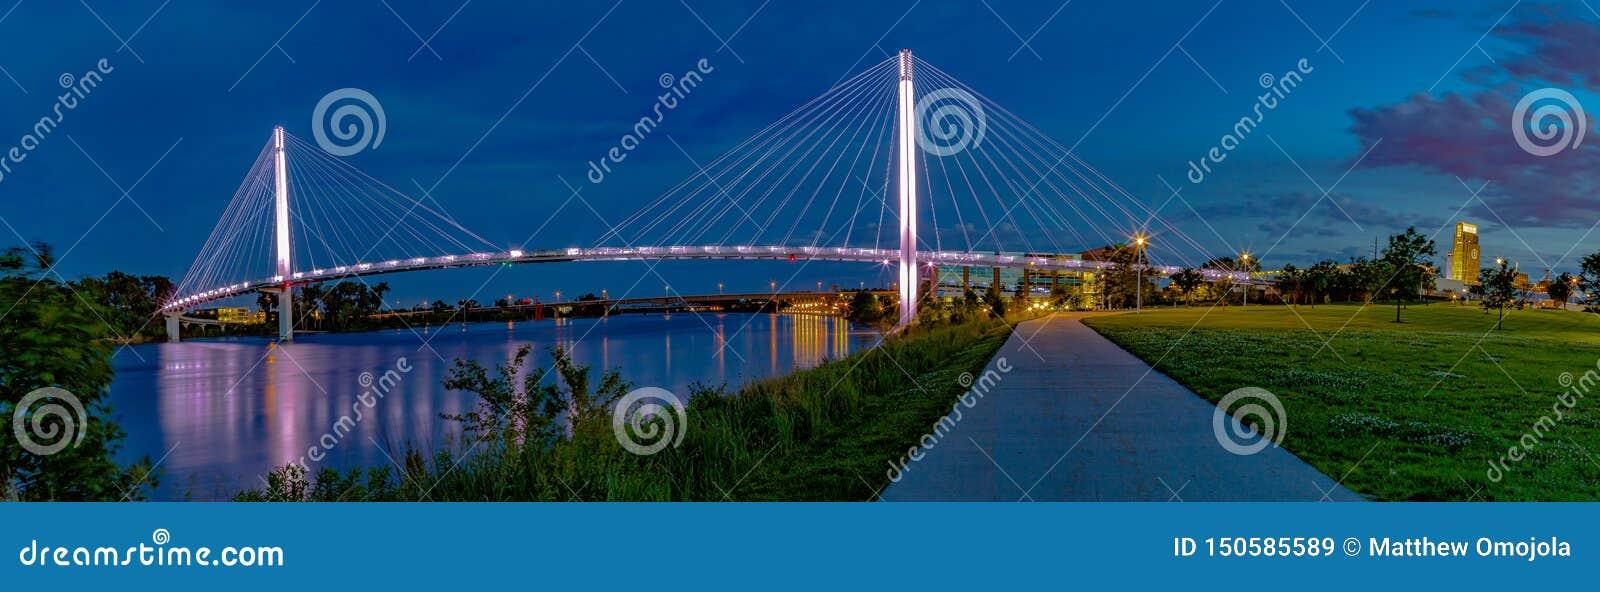 鲍伯克里步行桥奥马哈全景夜景